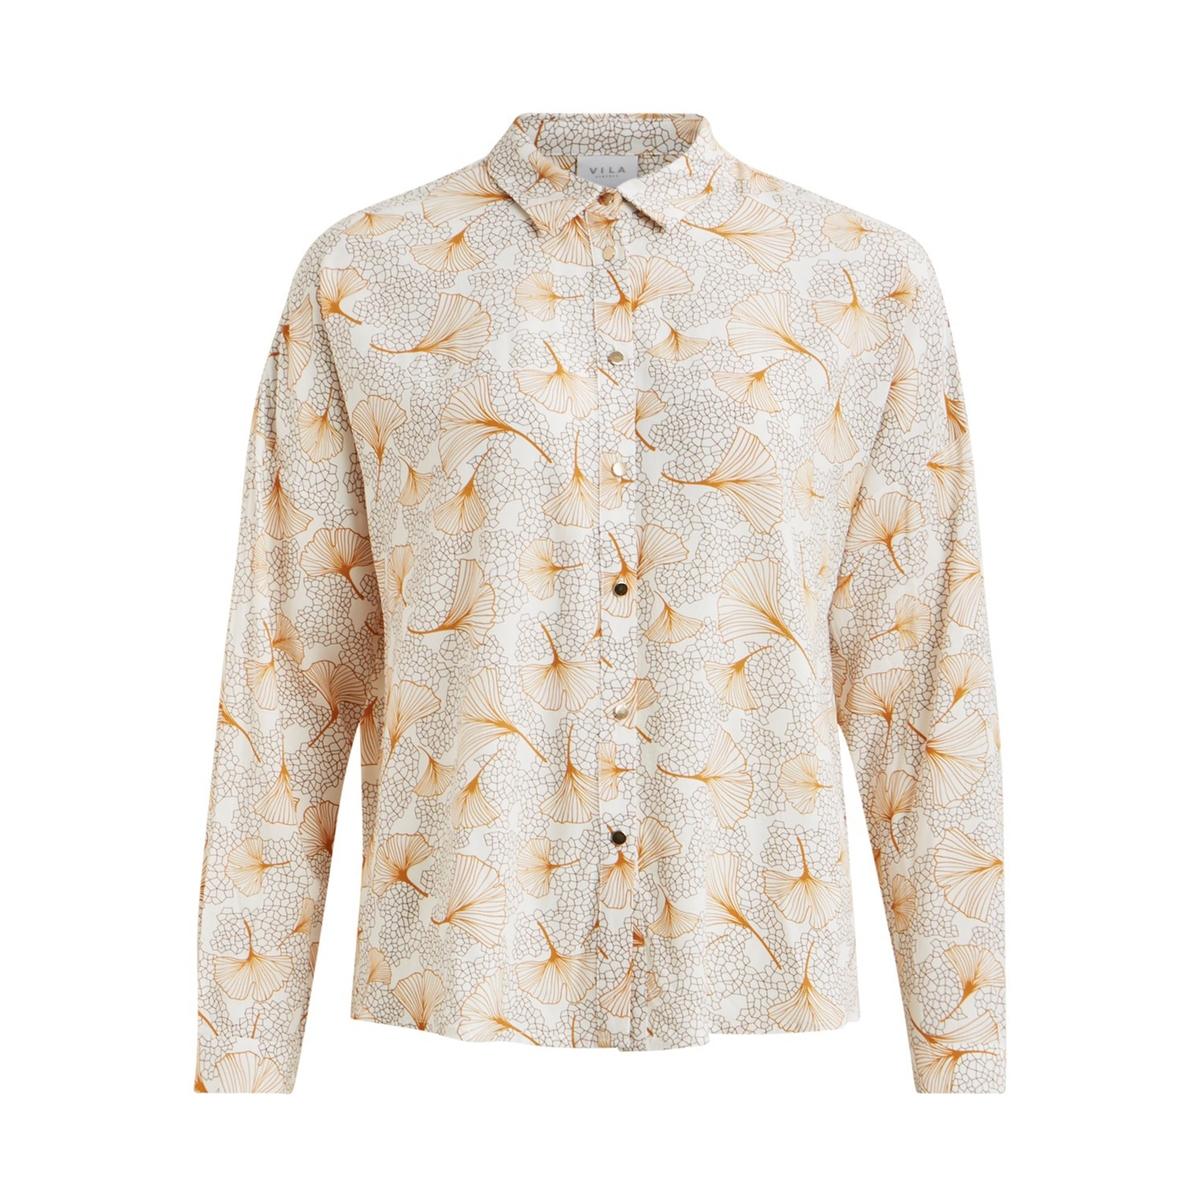 Camisa com estampado folhas